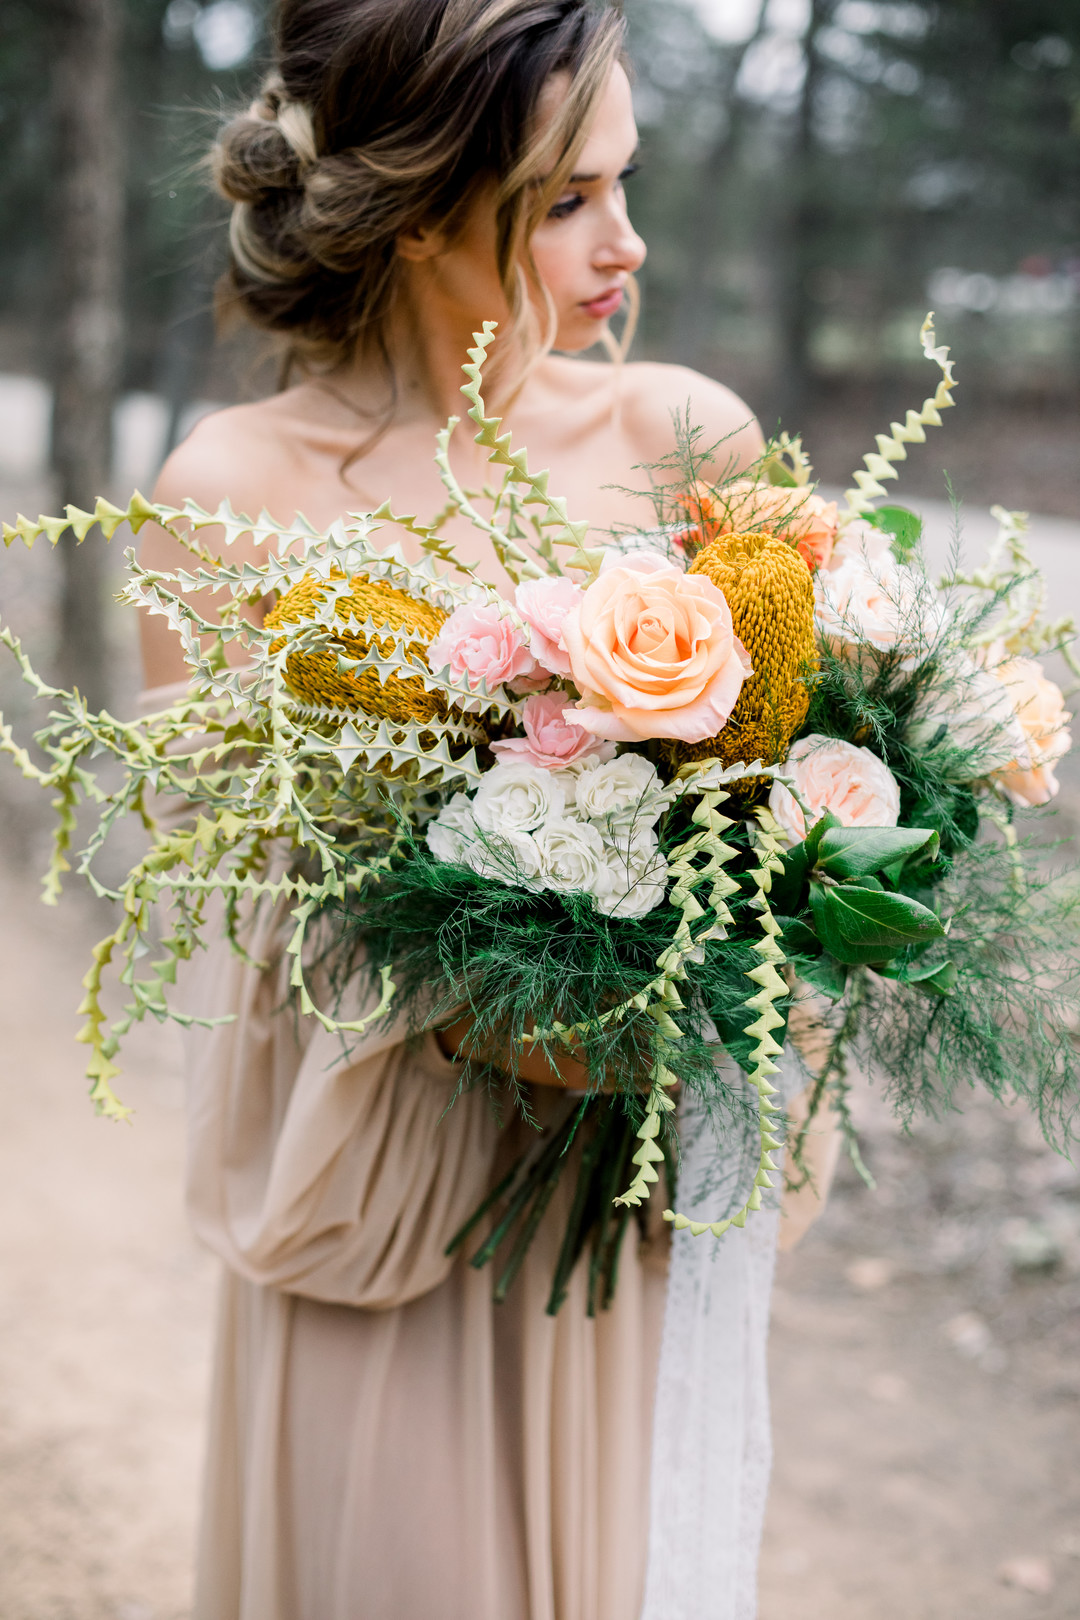 bröllop+elopement+boho+bukett